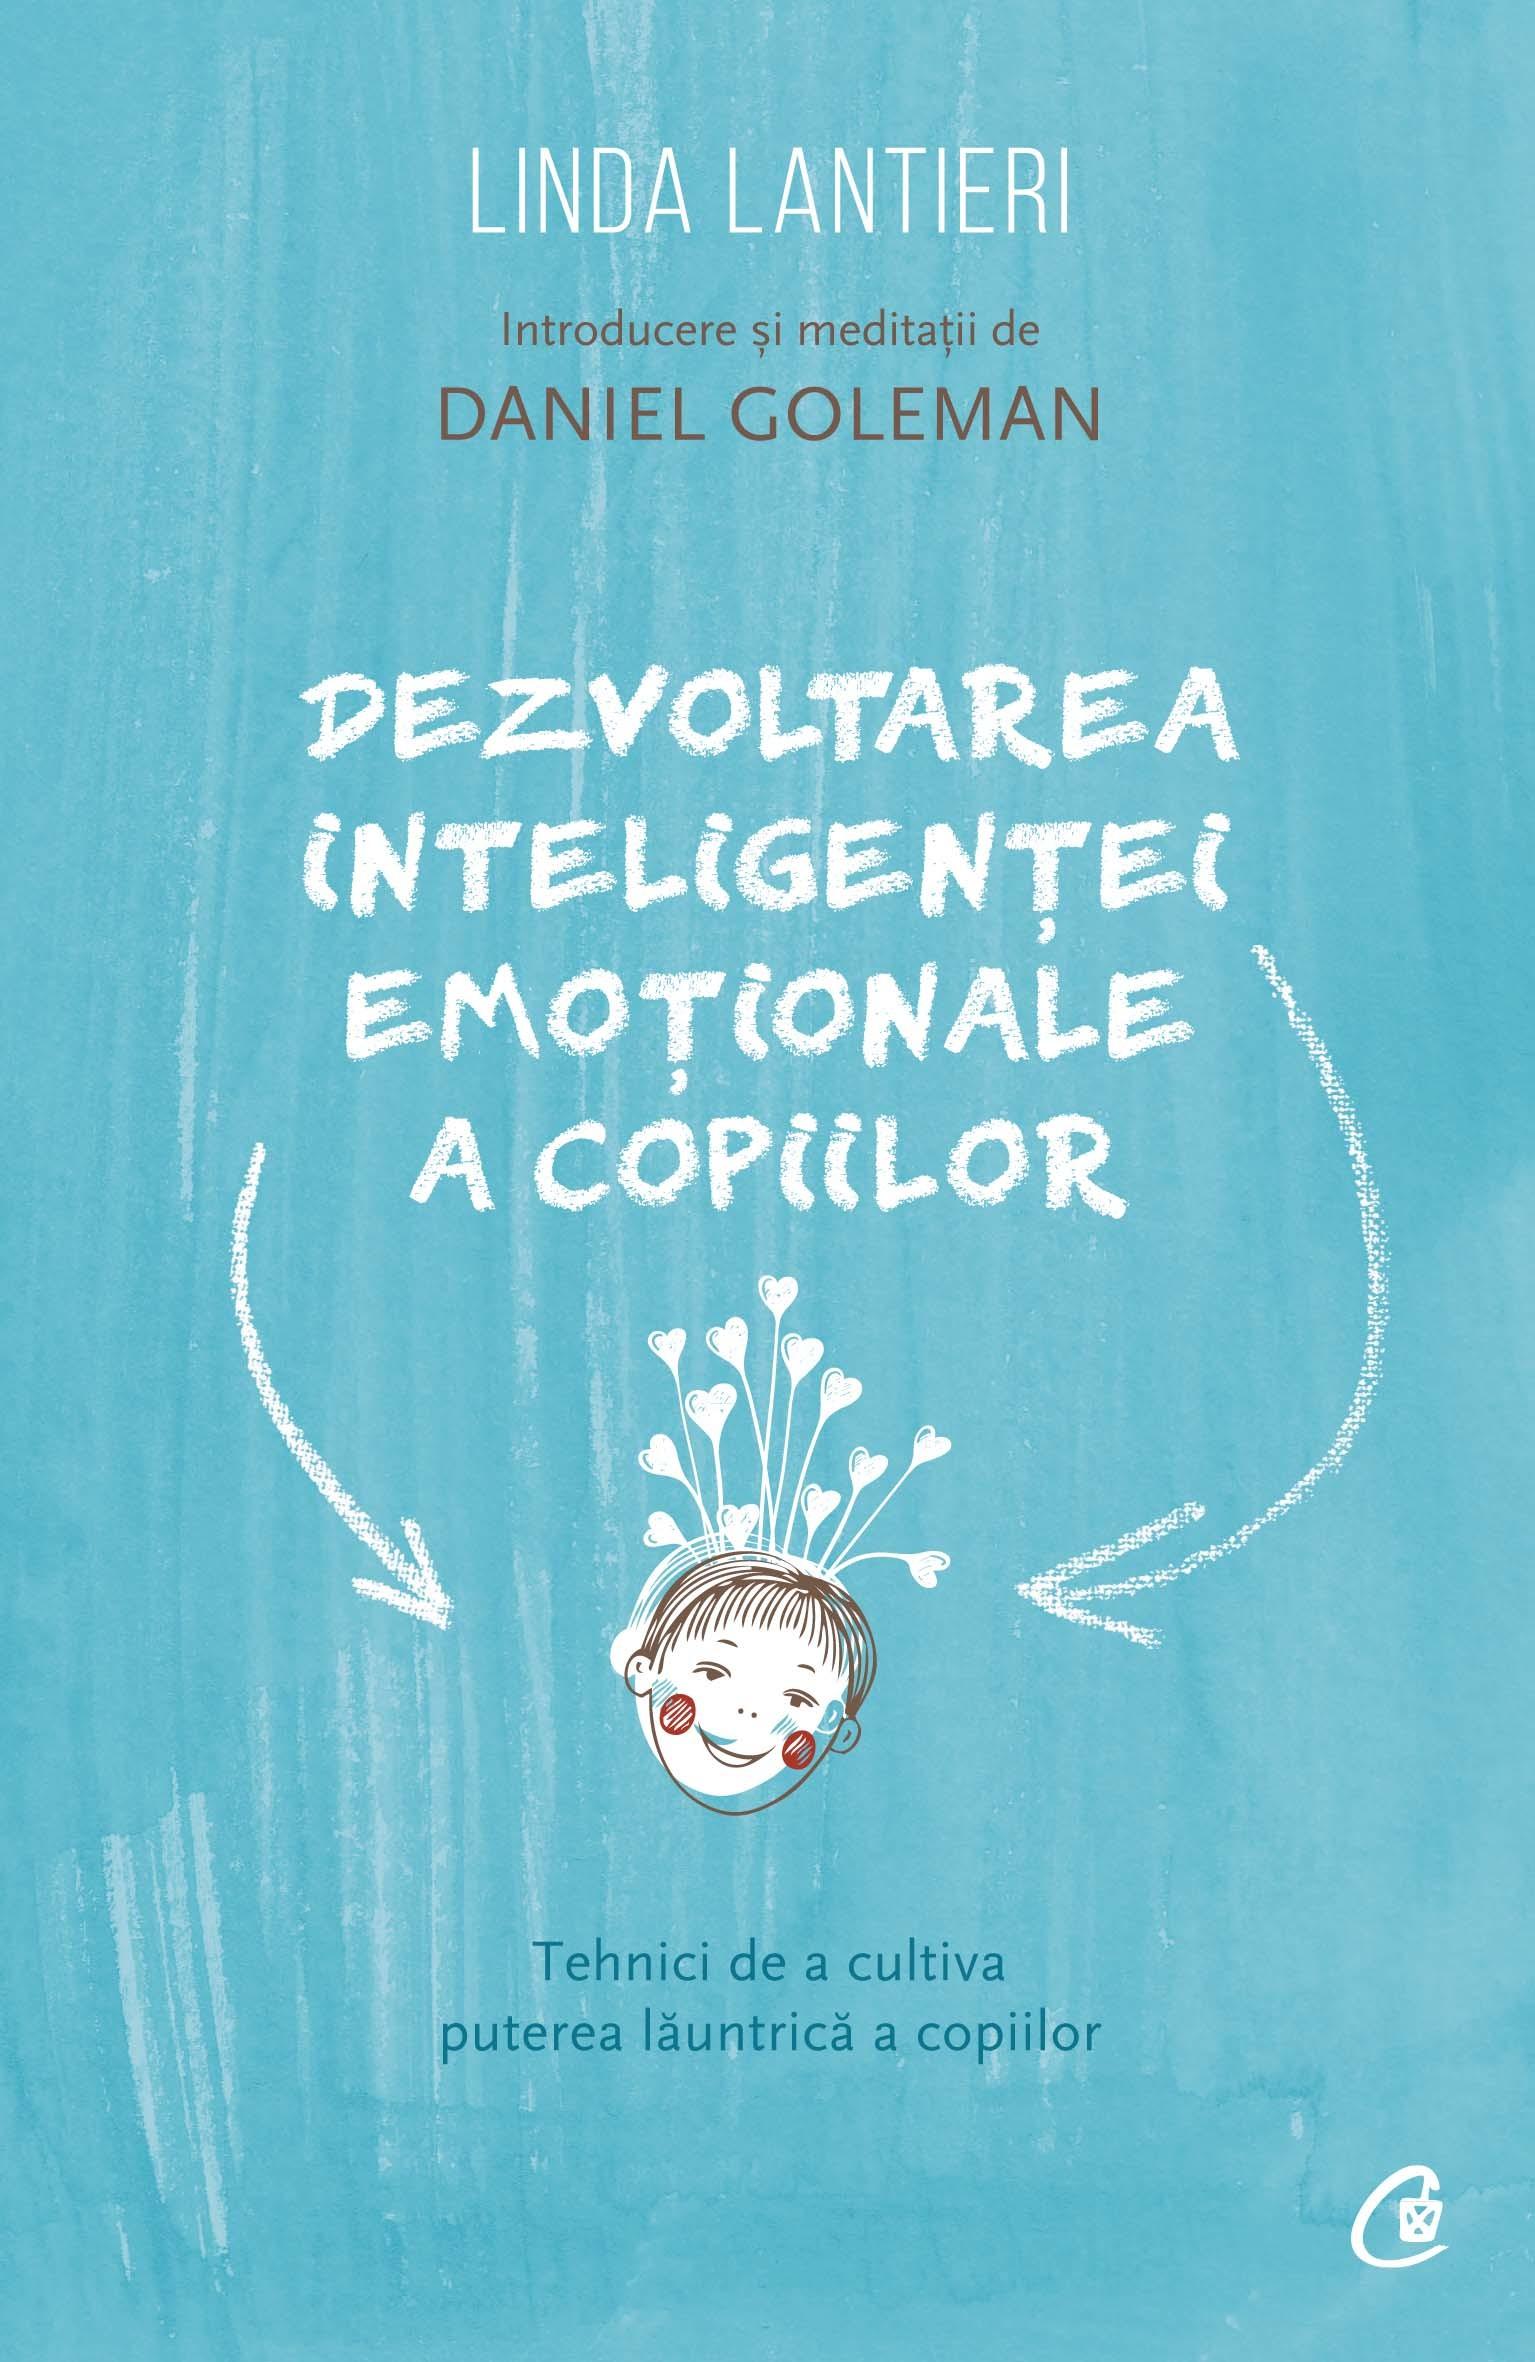 Dezvoltarea Inteligentei Emotionale A Copiilor | Linda Lantieri